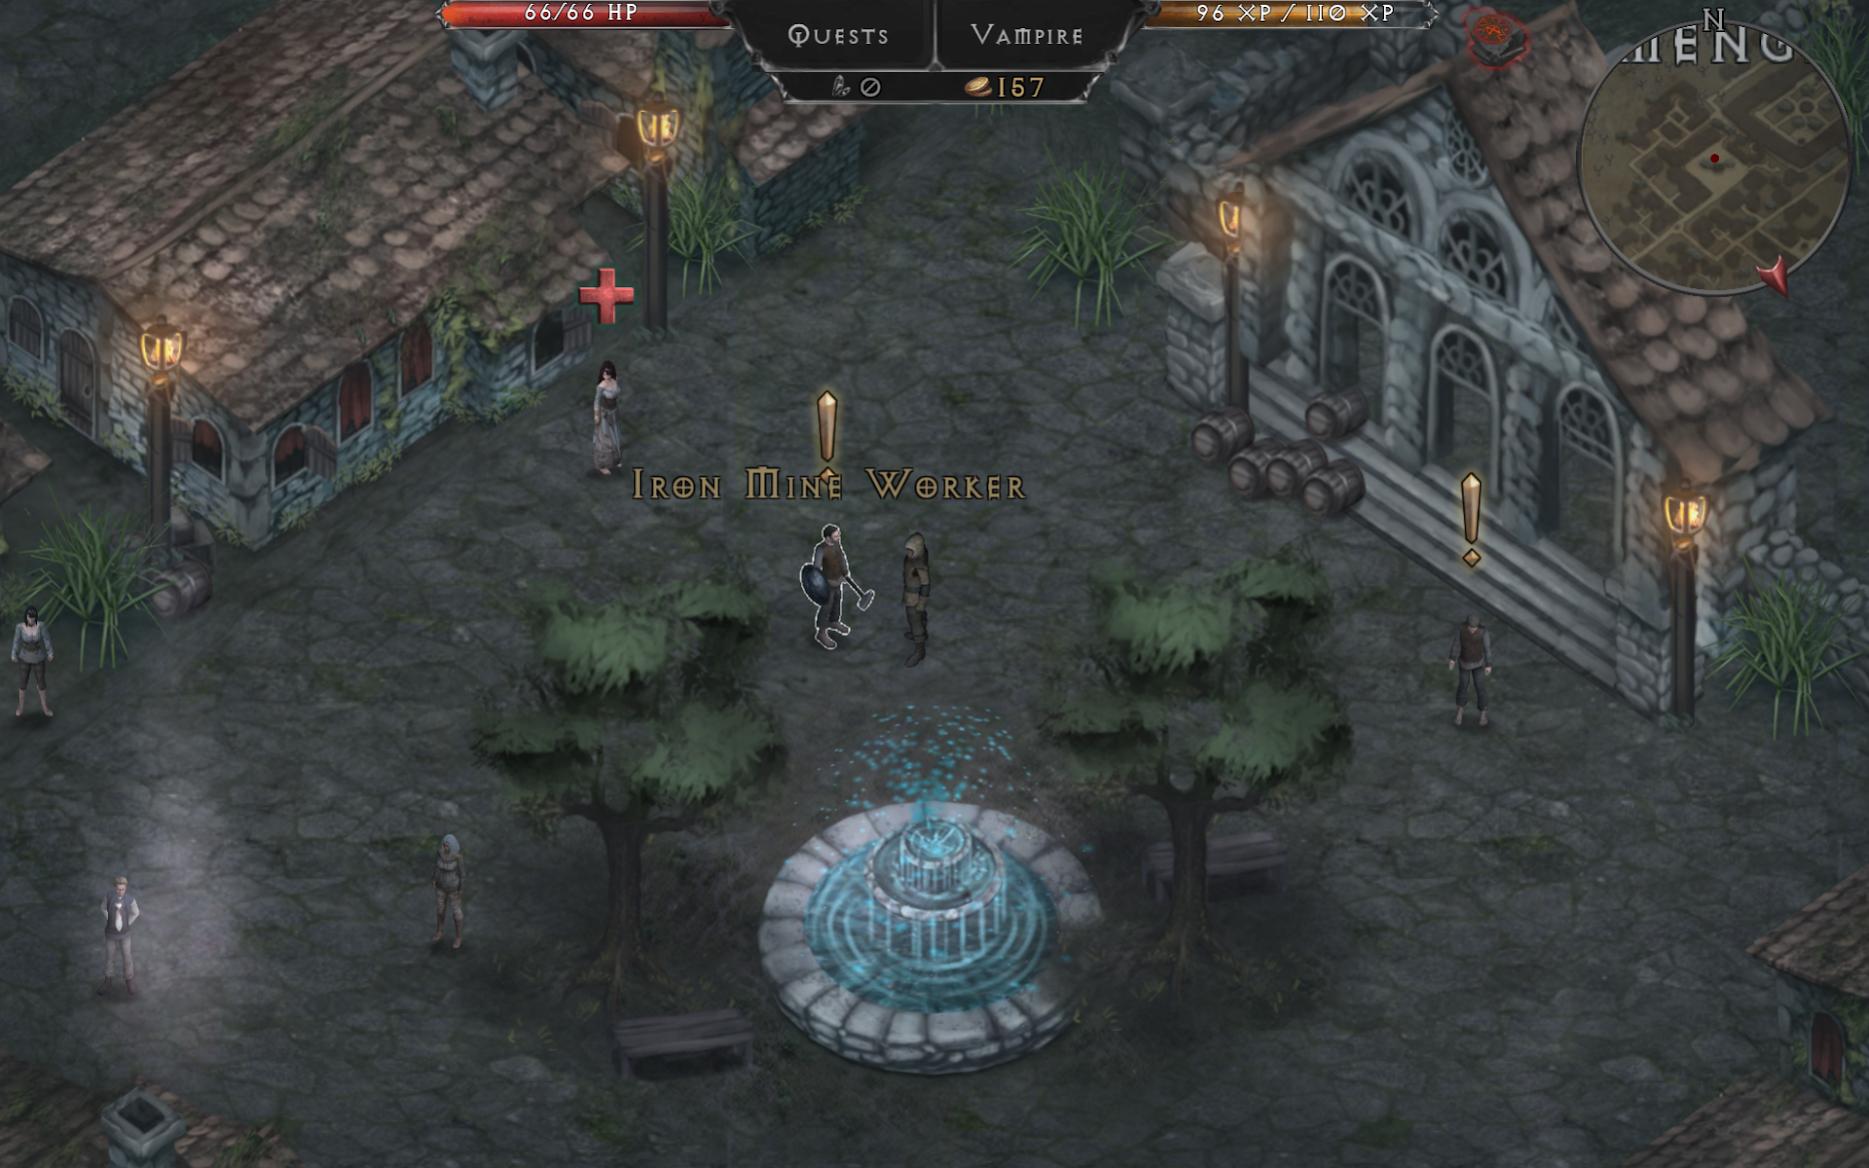 吸血鬼的堕落:三人独立开发的高分暗黑RPG游戏